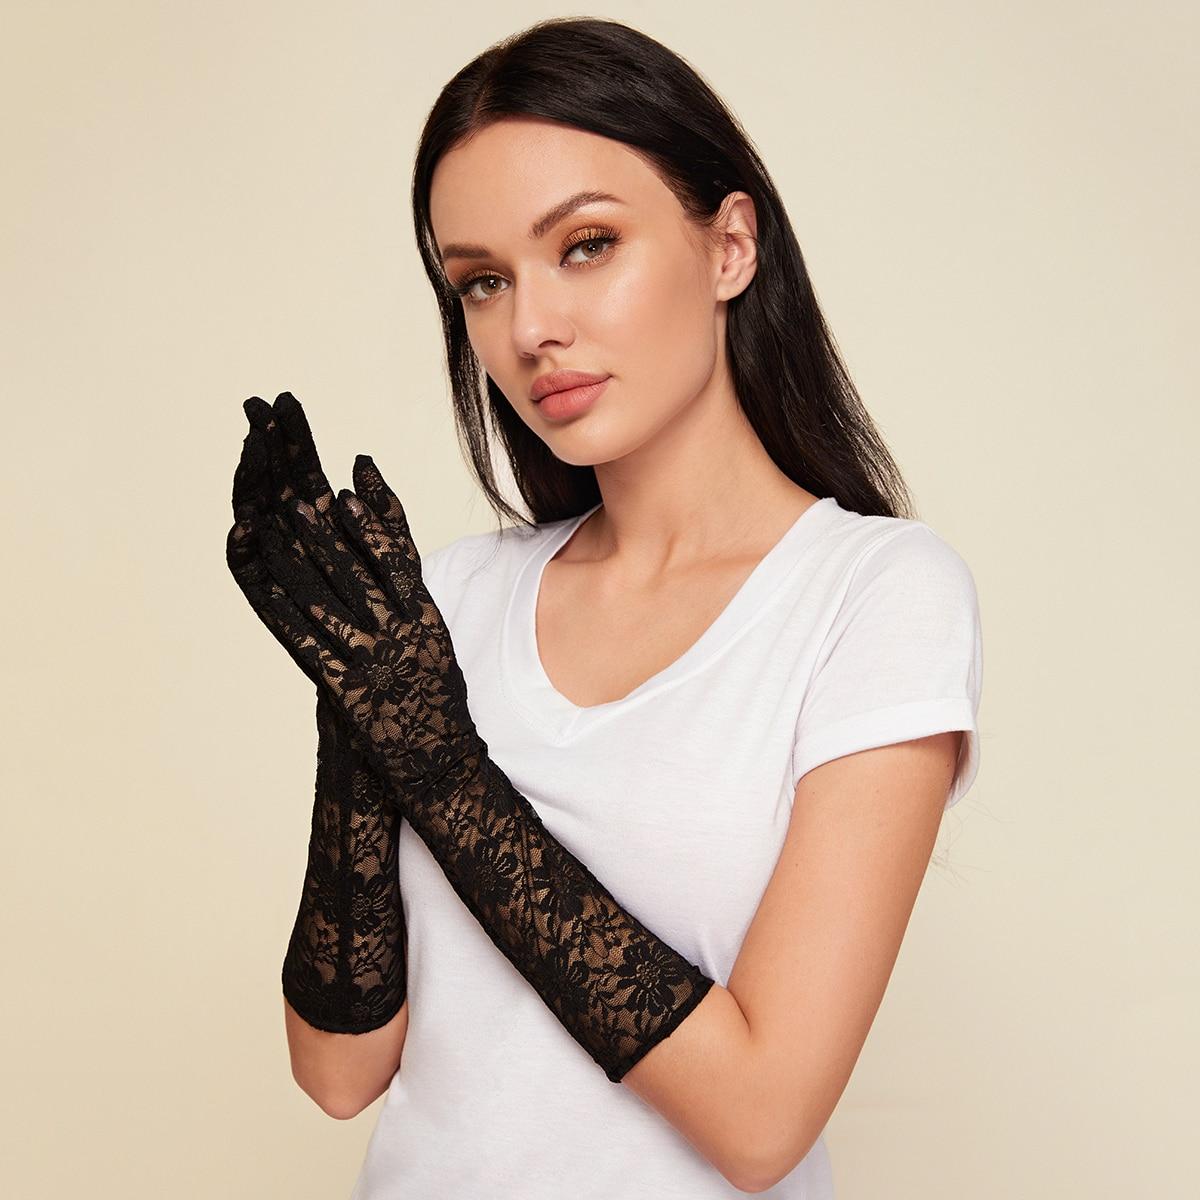 Кружевные длинные перчатки 1 пара от SHEIN